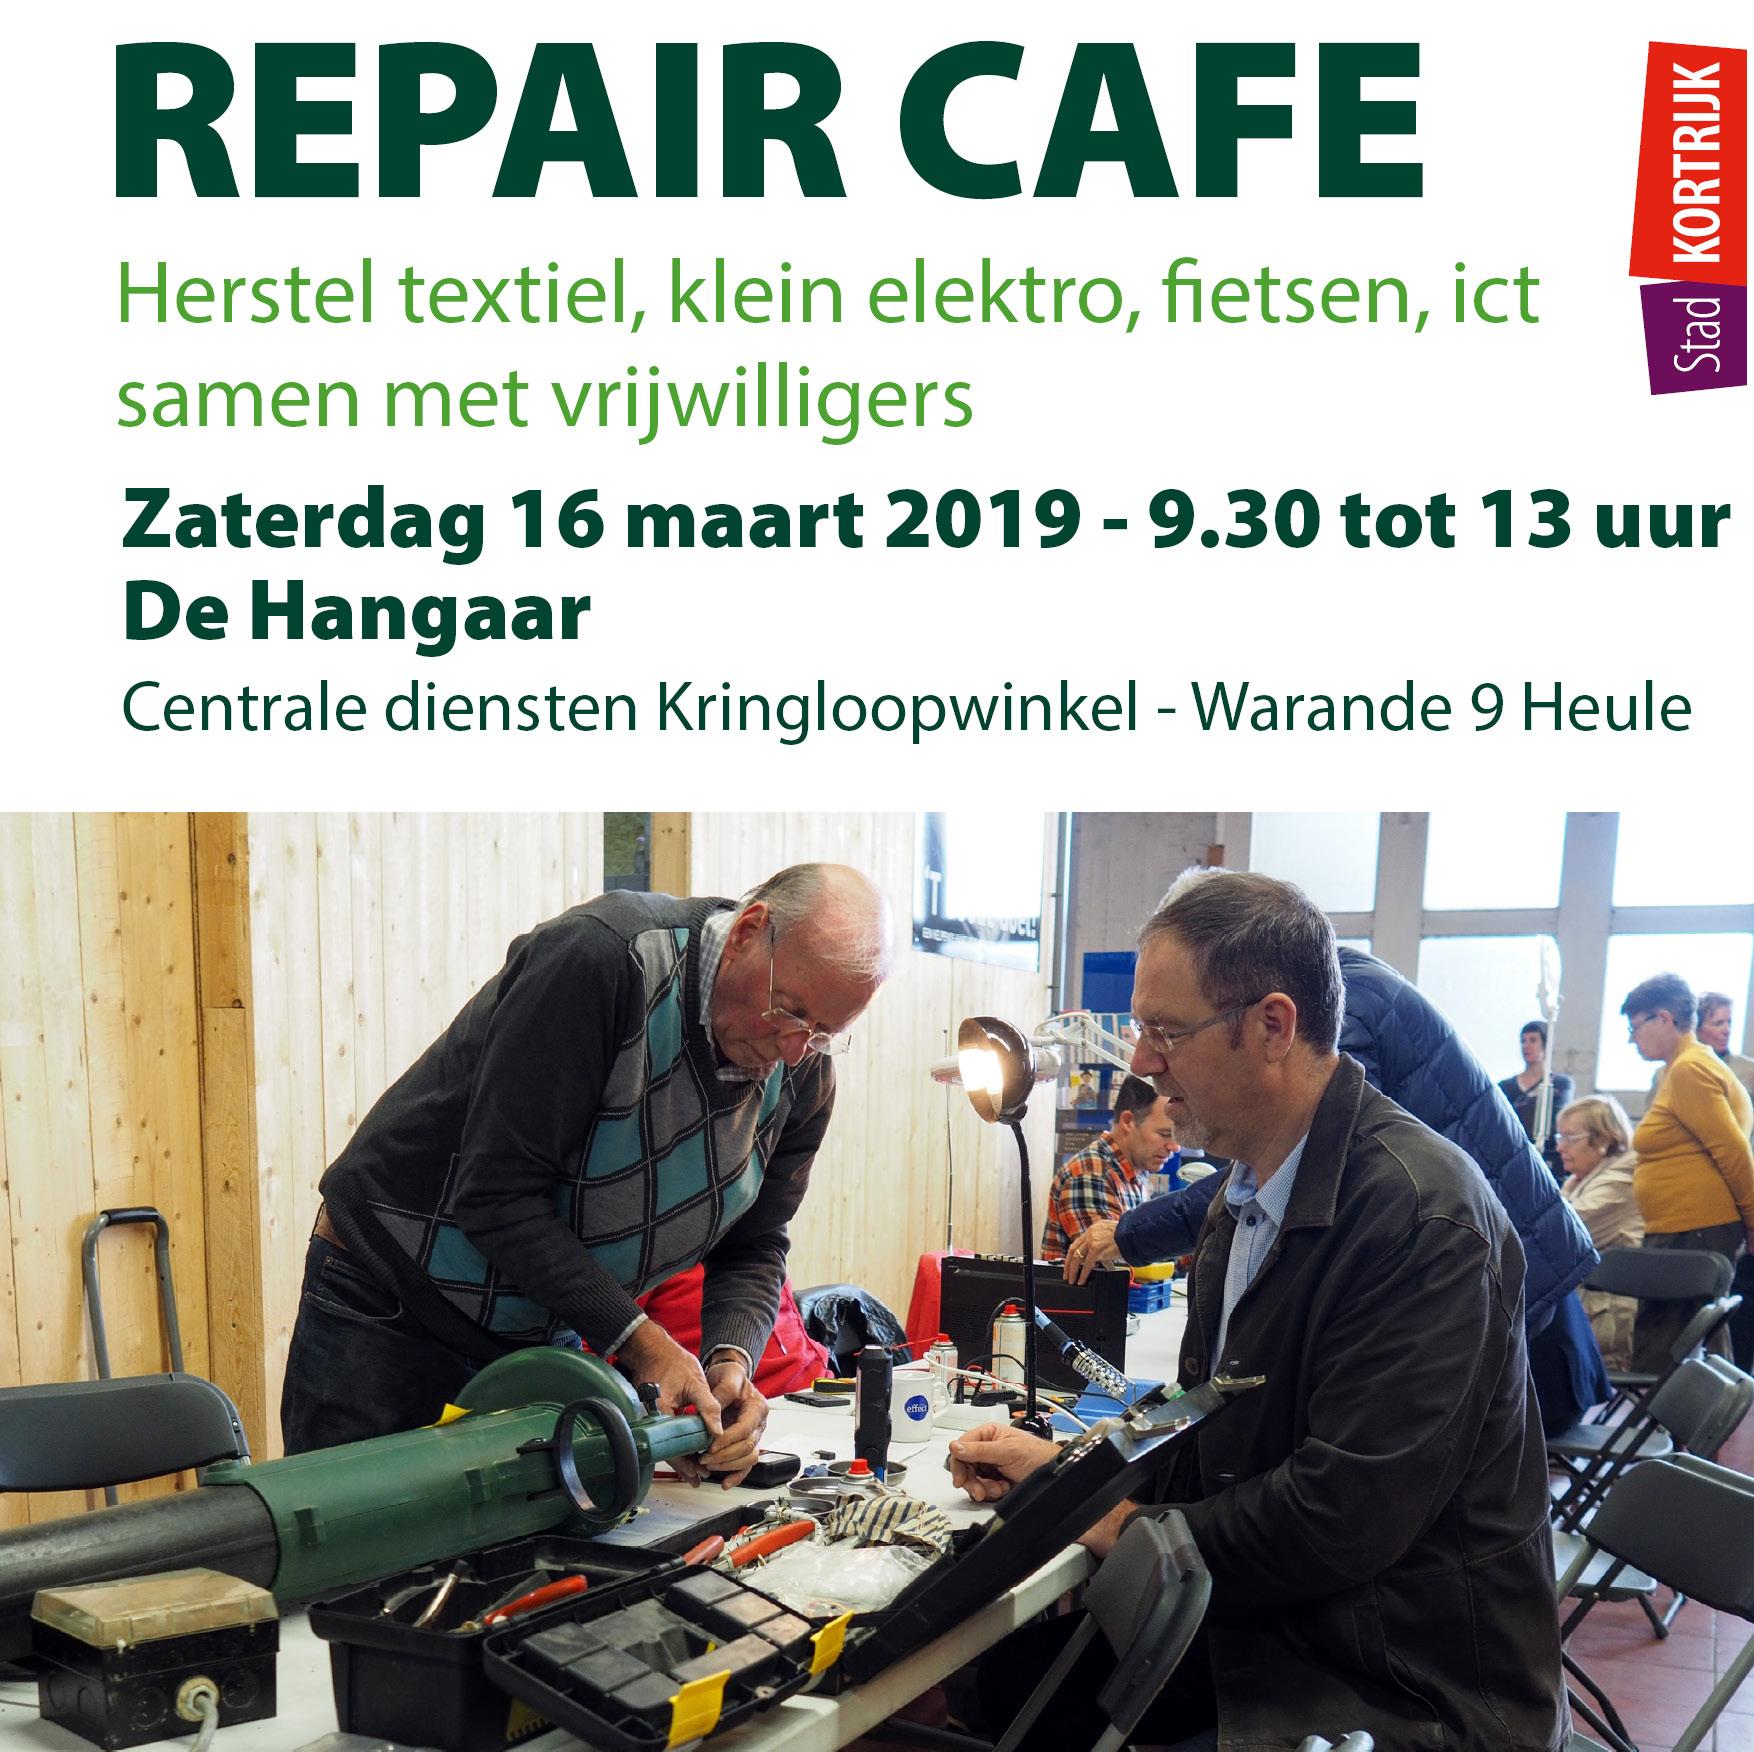 Repair Café in Hangaar op 16 maart